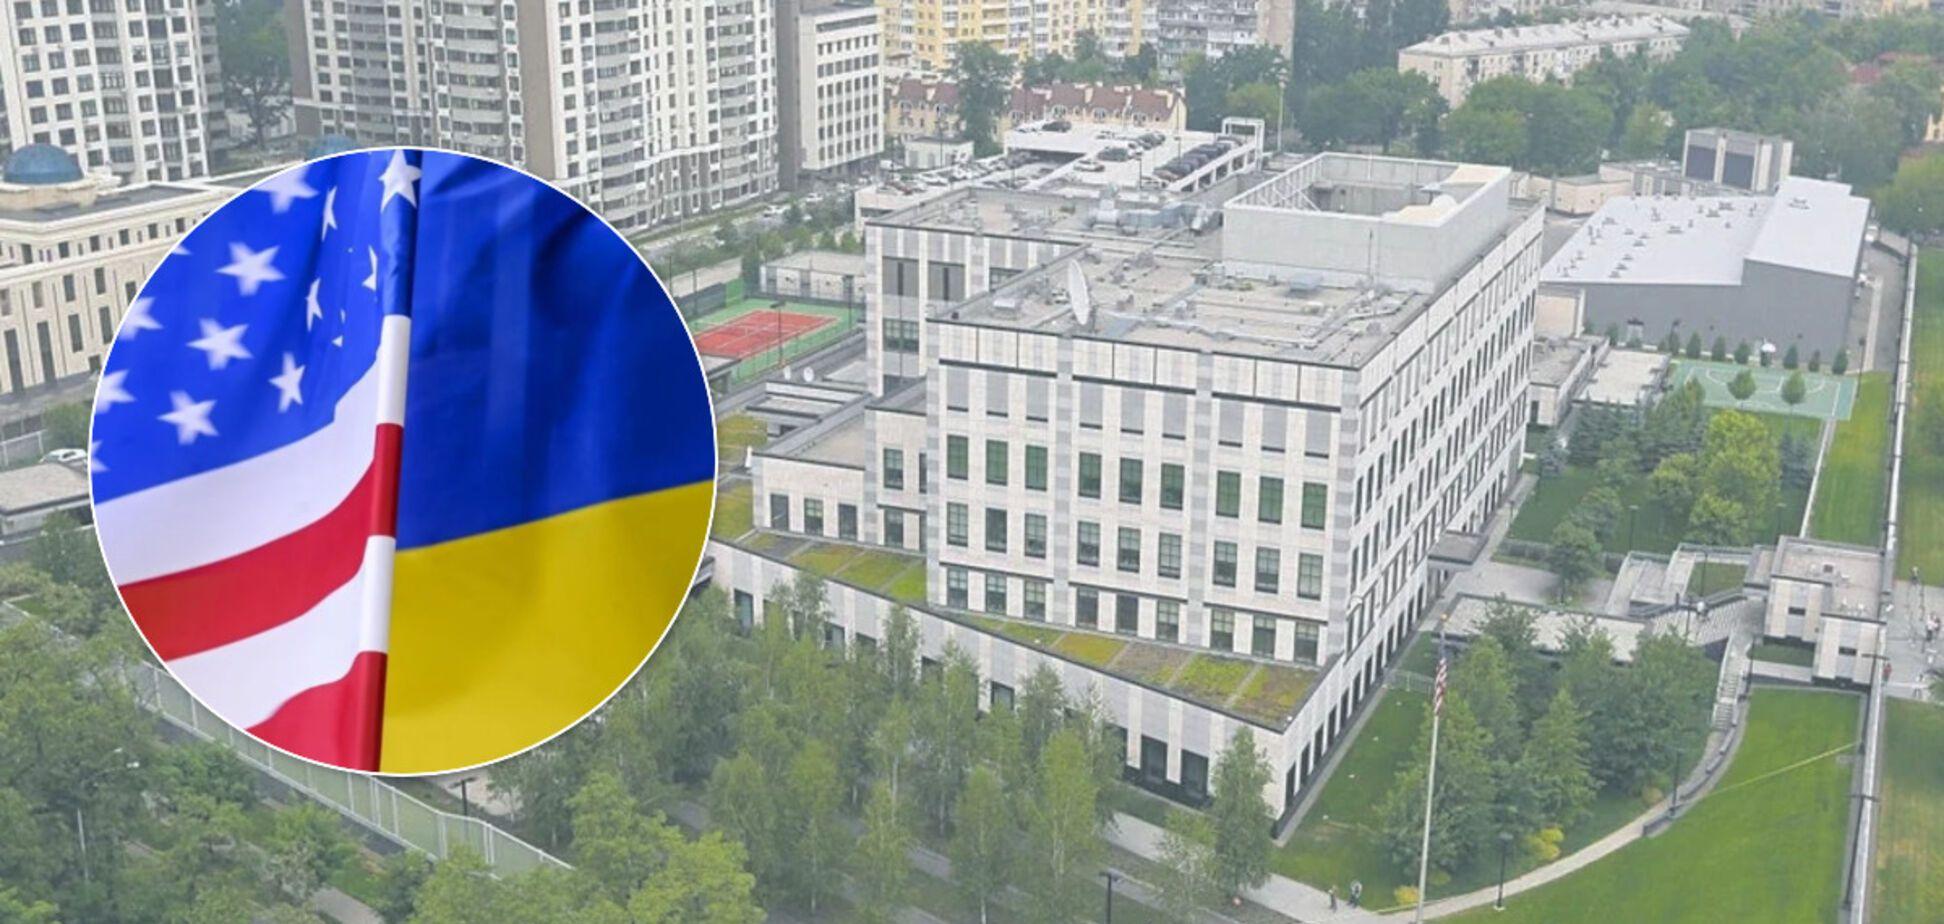 'Лукавый и токсический смысл': 7 послов осудили попытки втянуть Украину в политпроцессы США